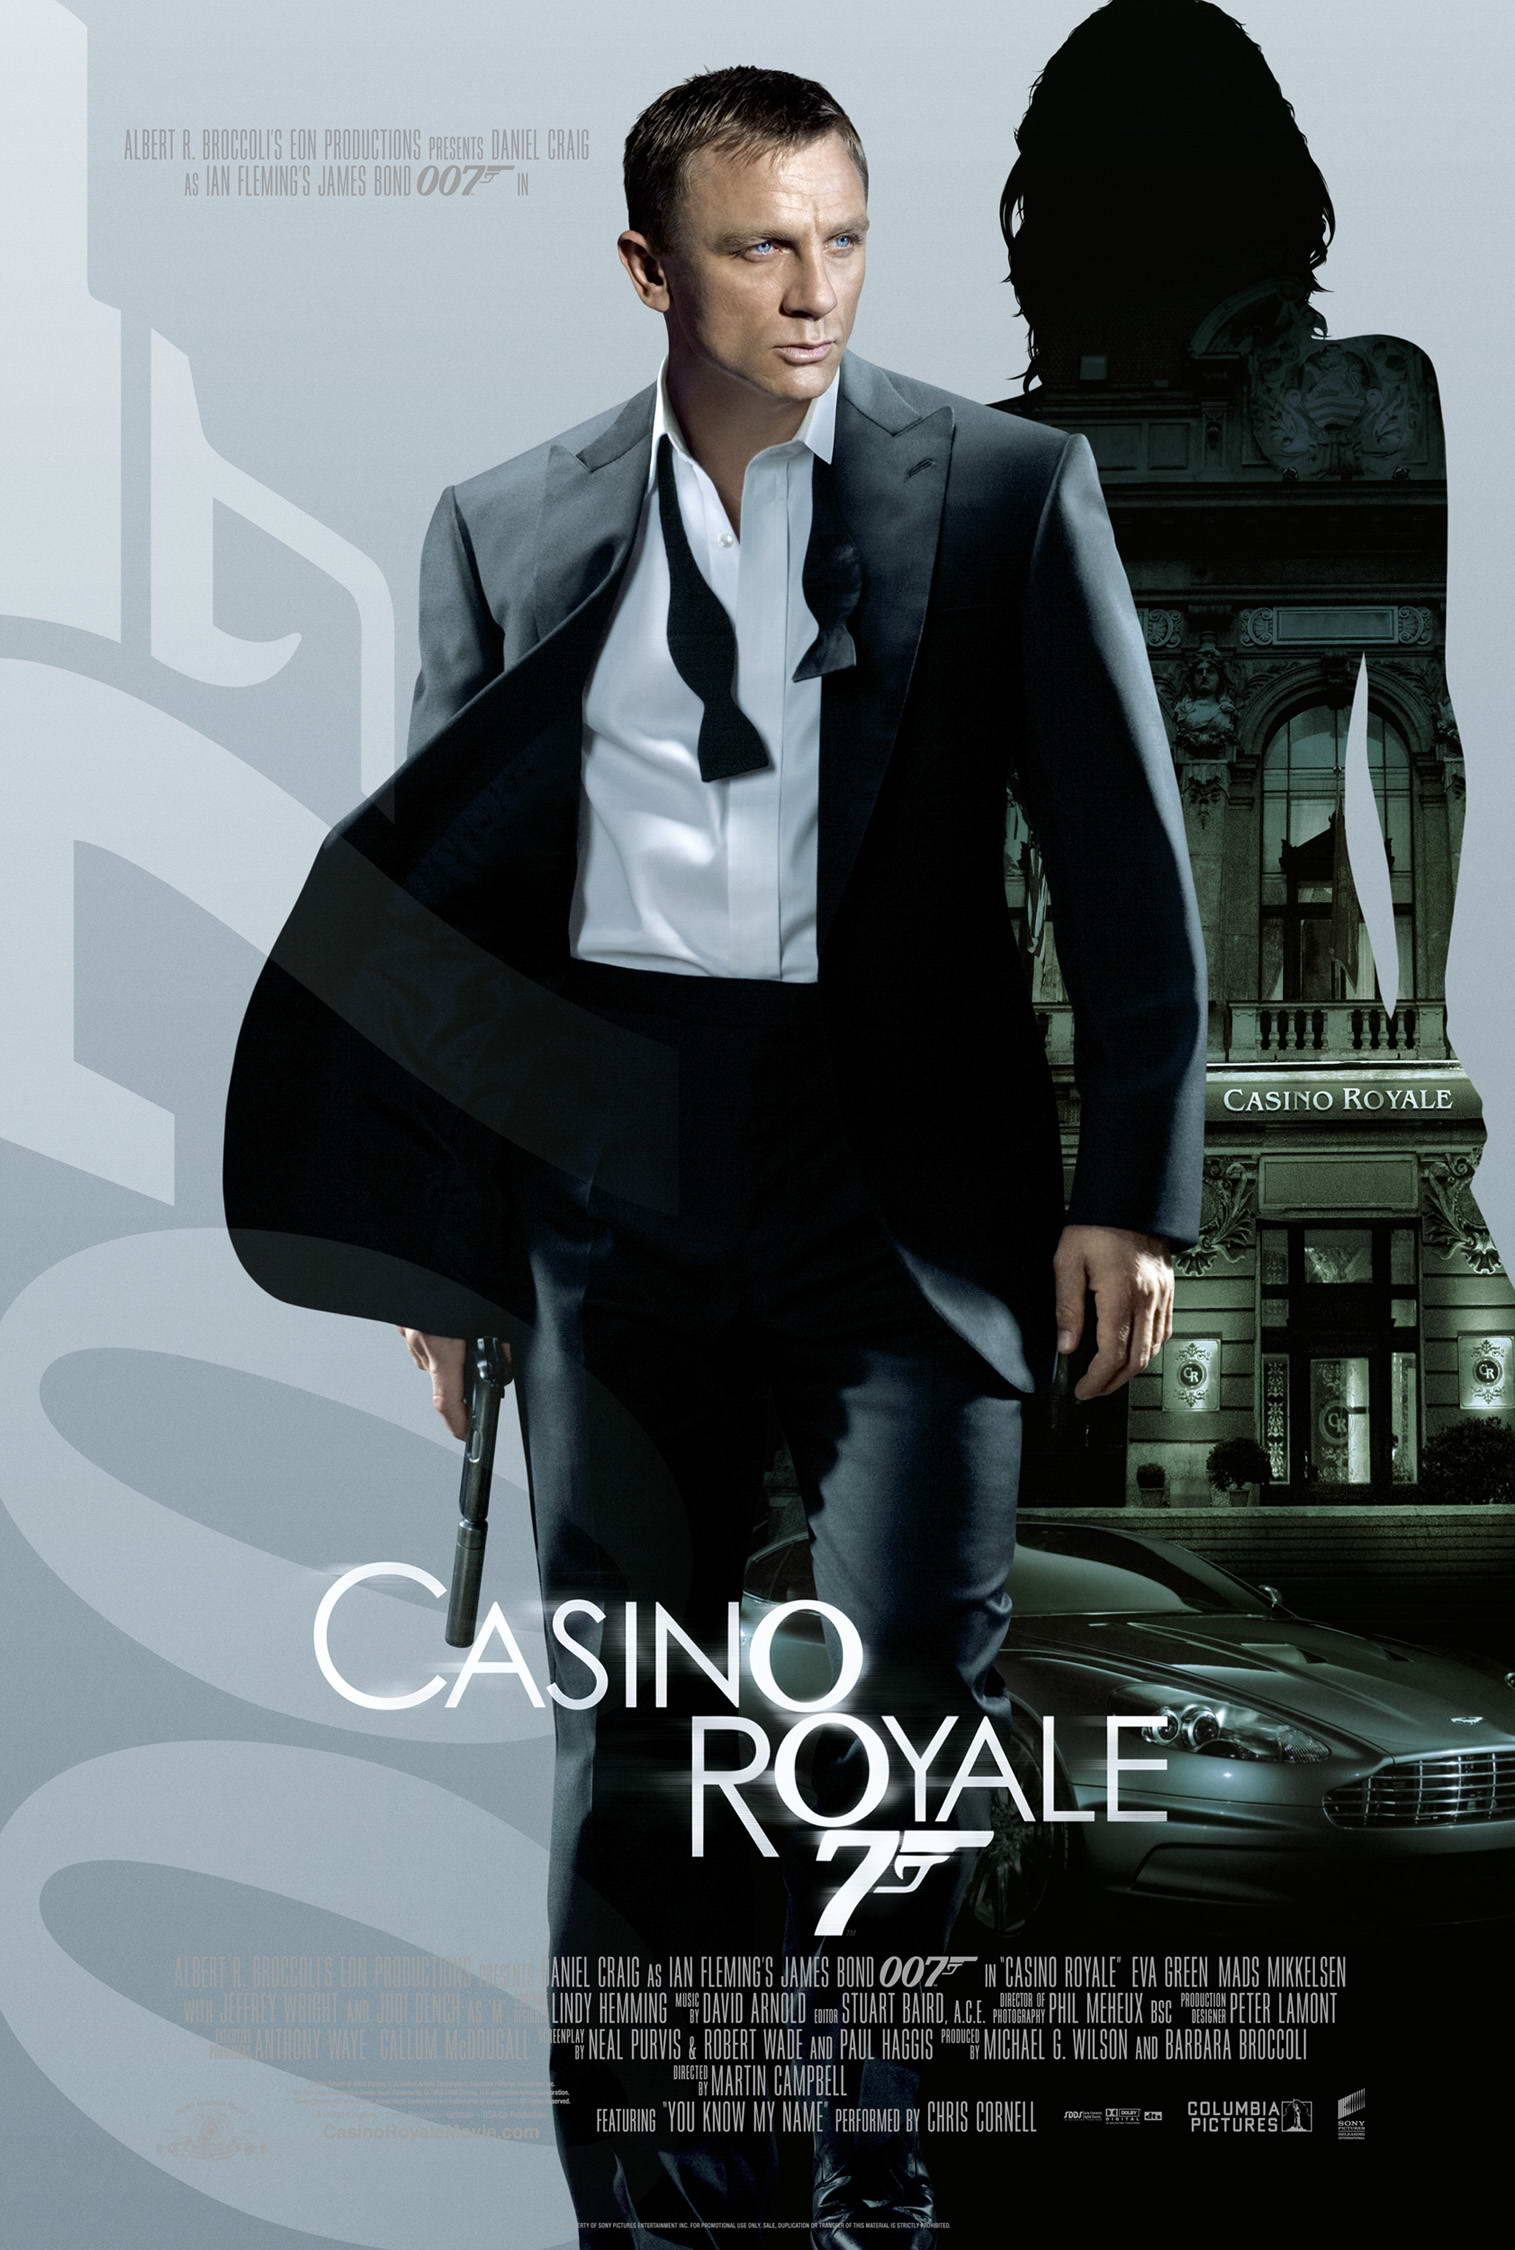 James bond casino royale wikia